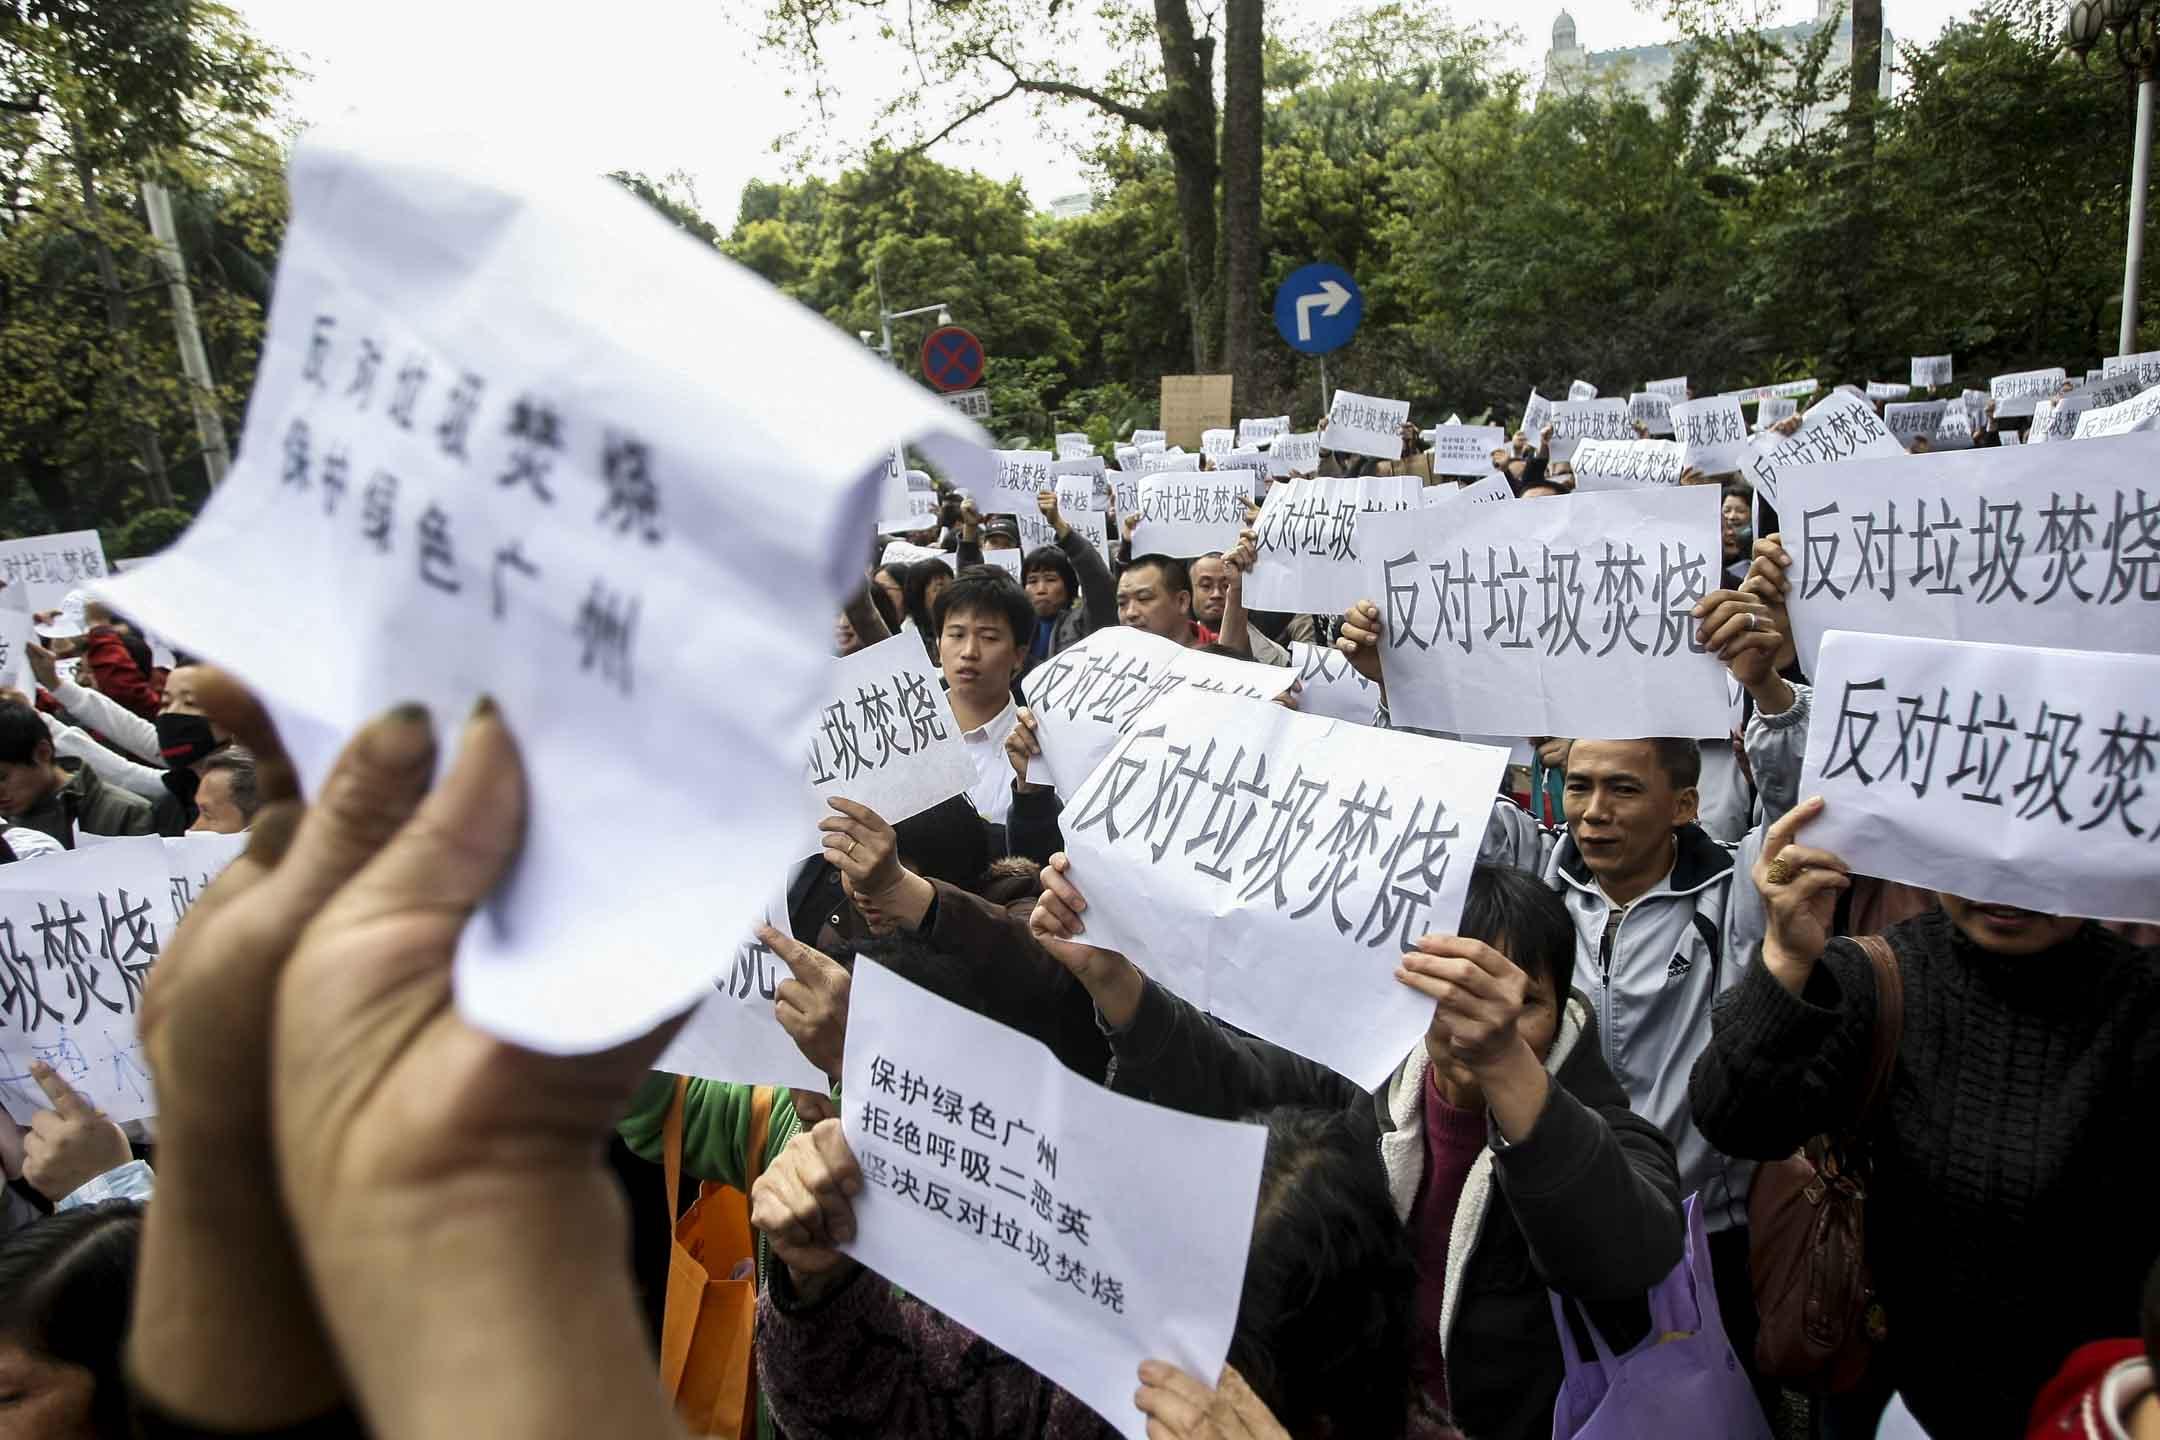 2009年11月23日,市民在廣州市政府辦公室外高舉反對垃圾焚燒的字牌。